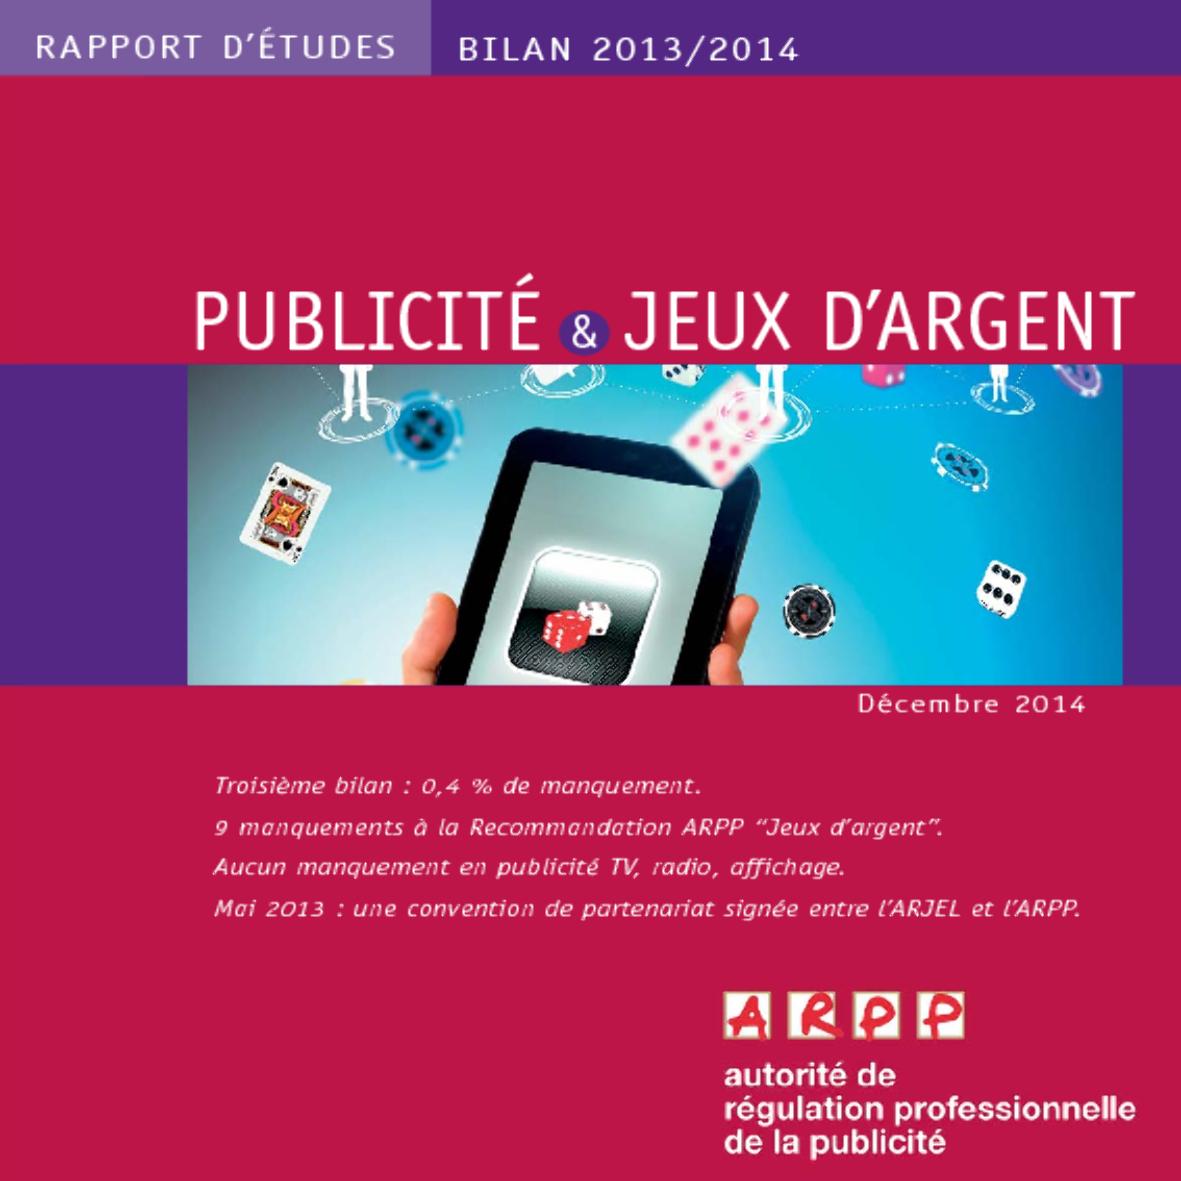 Bilan Publicité et Jeux d'Argent 2013-2014